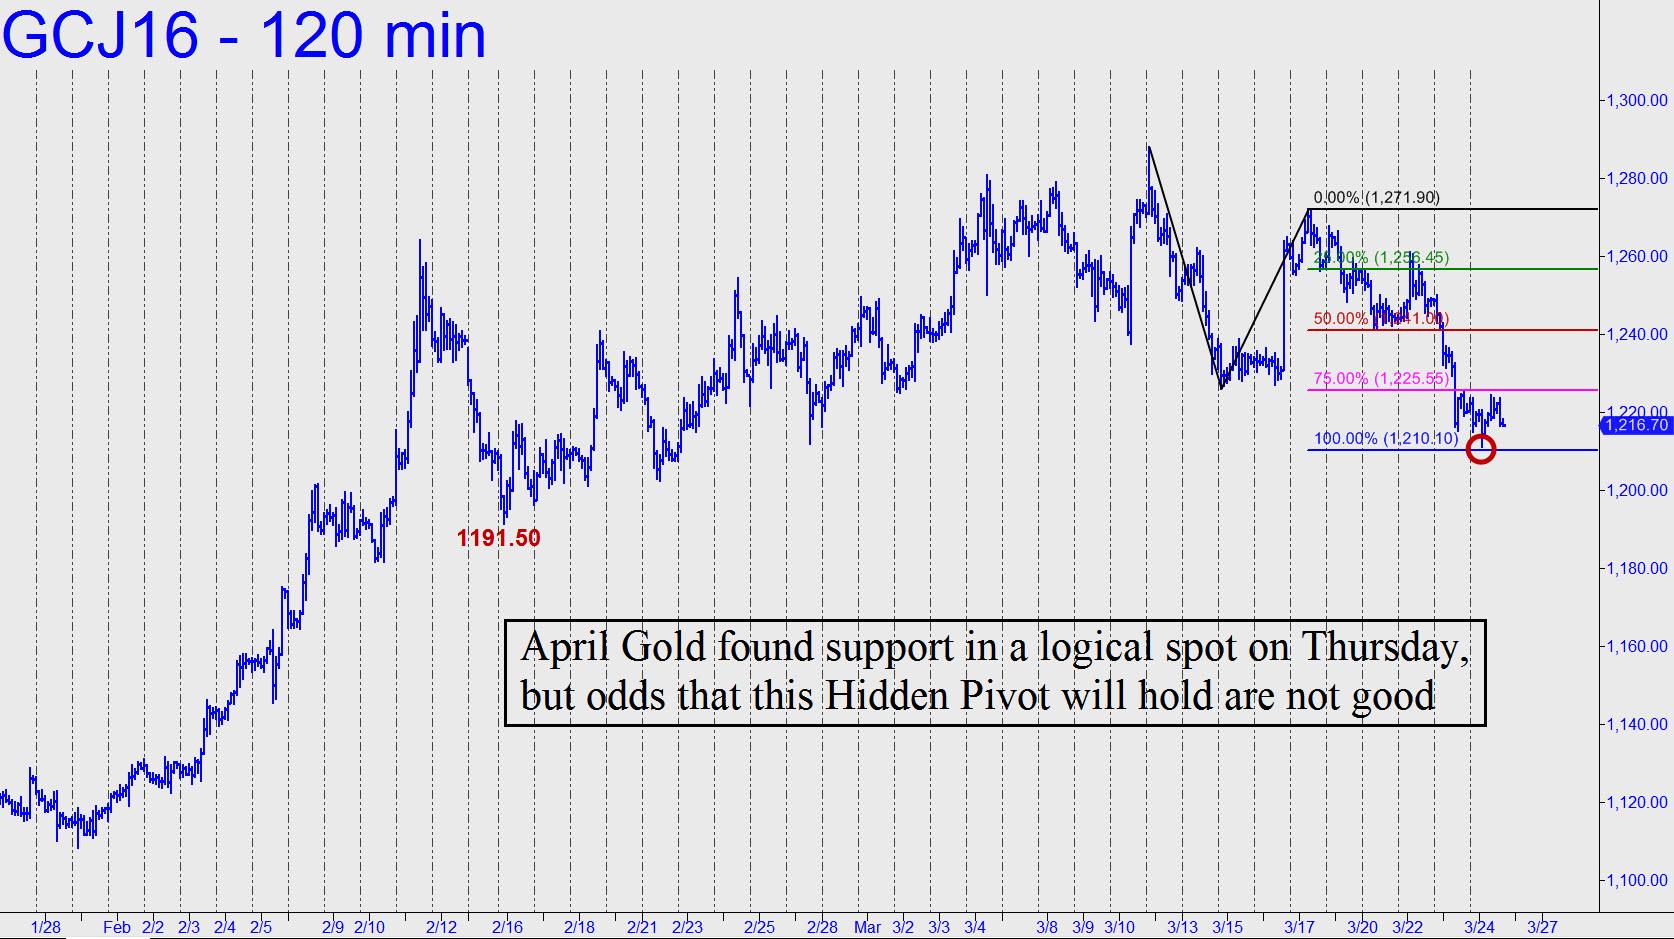 prix de l'or, de l'argent et des minières / suivi 2015 et ultérieurement - Page 6 April-gold-found-support